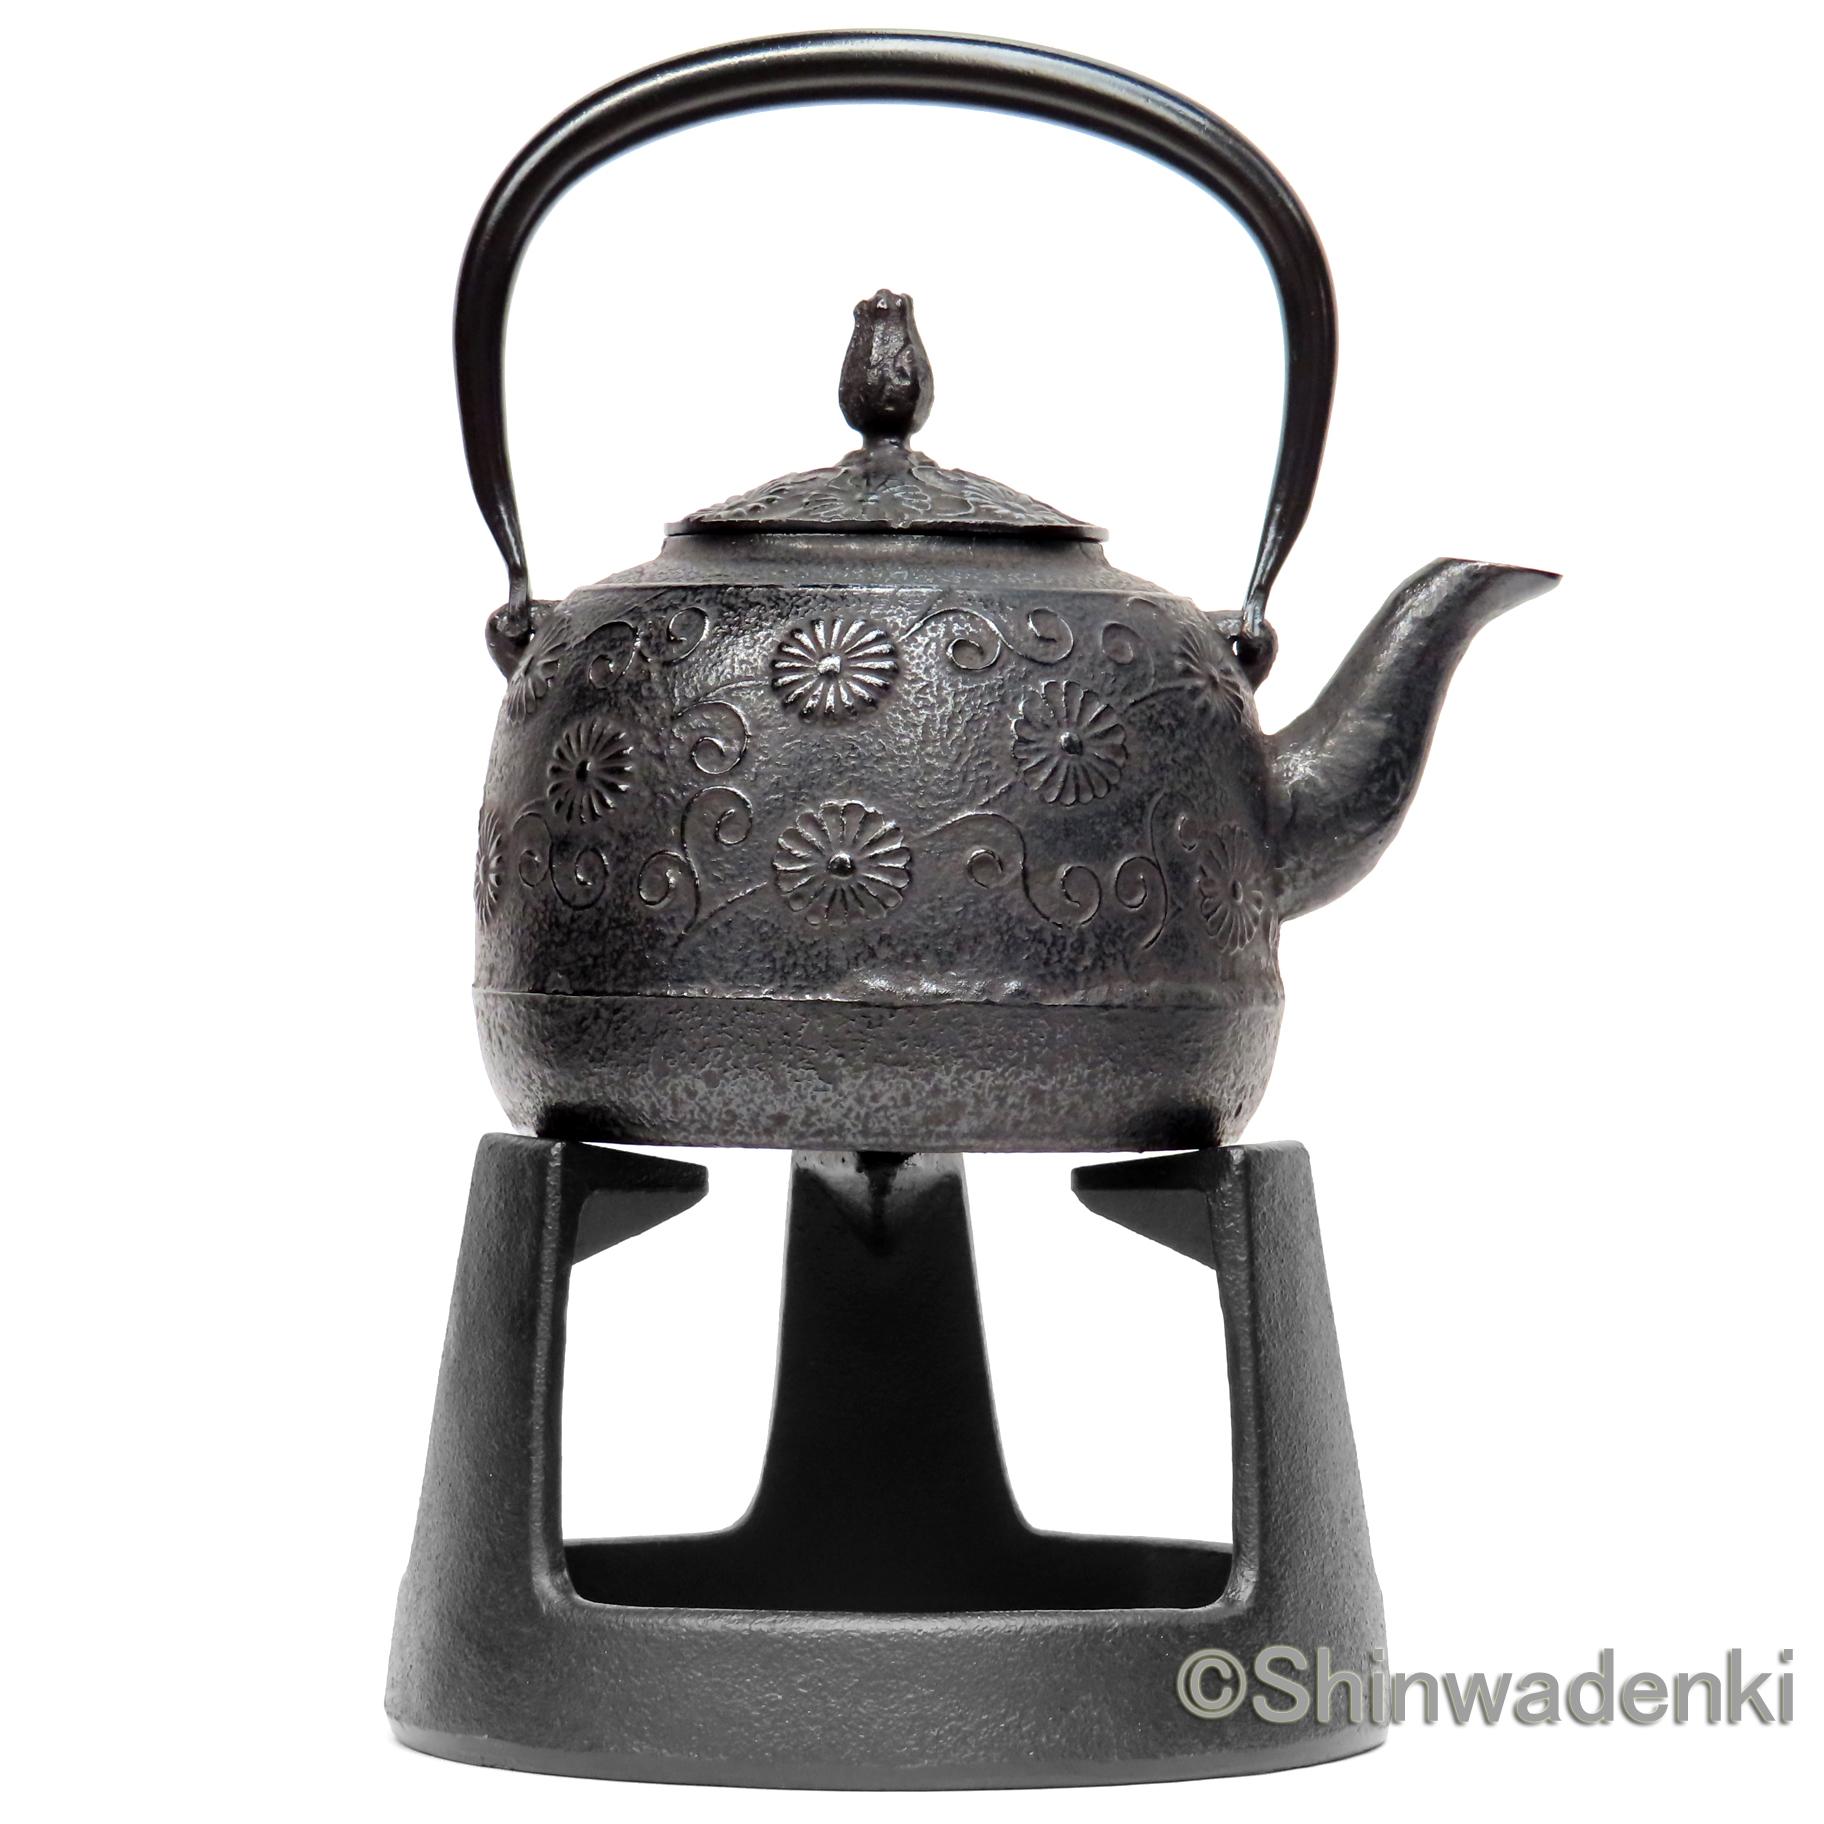 南部鉄器 鉄瓶 唐菊